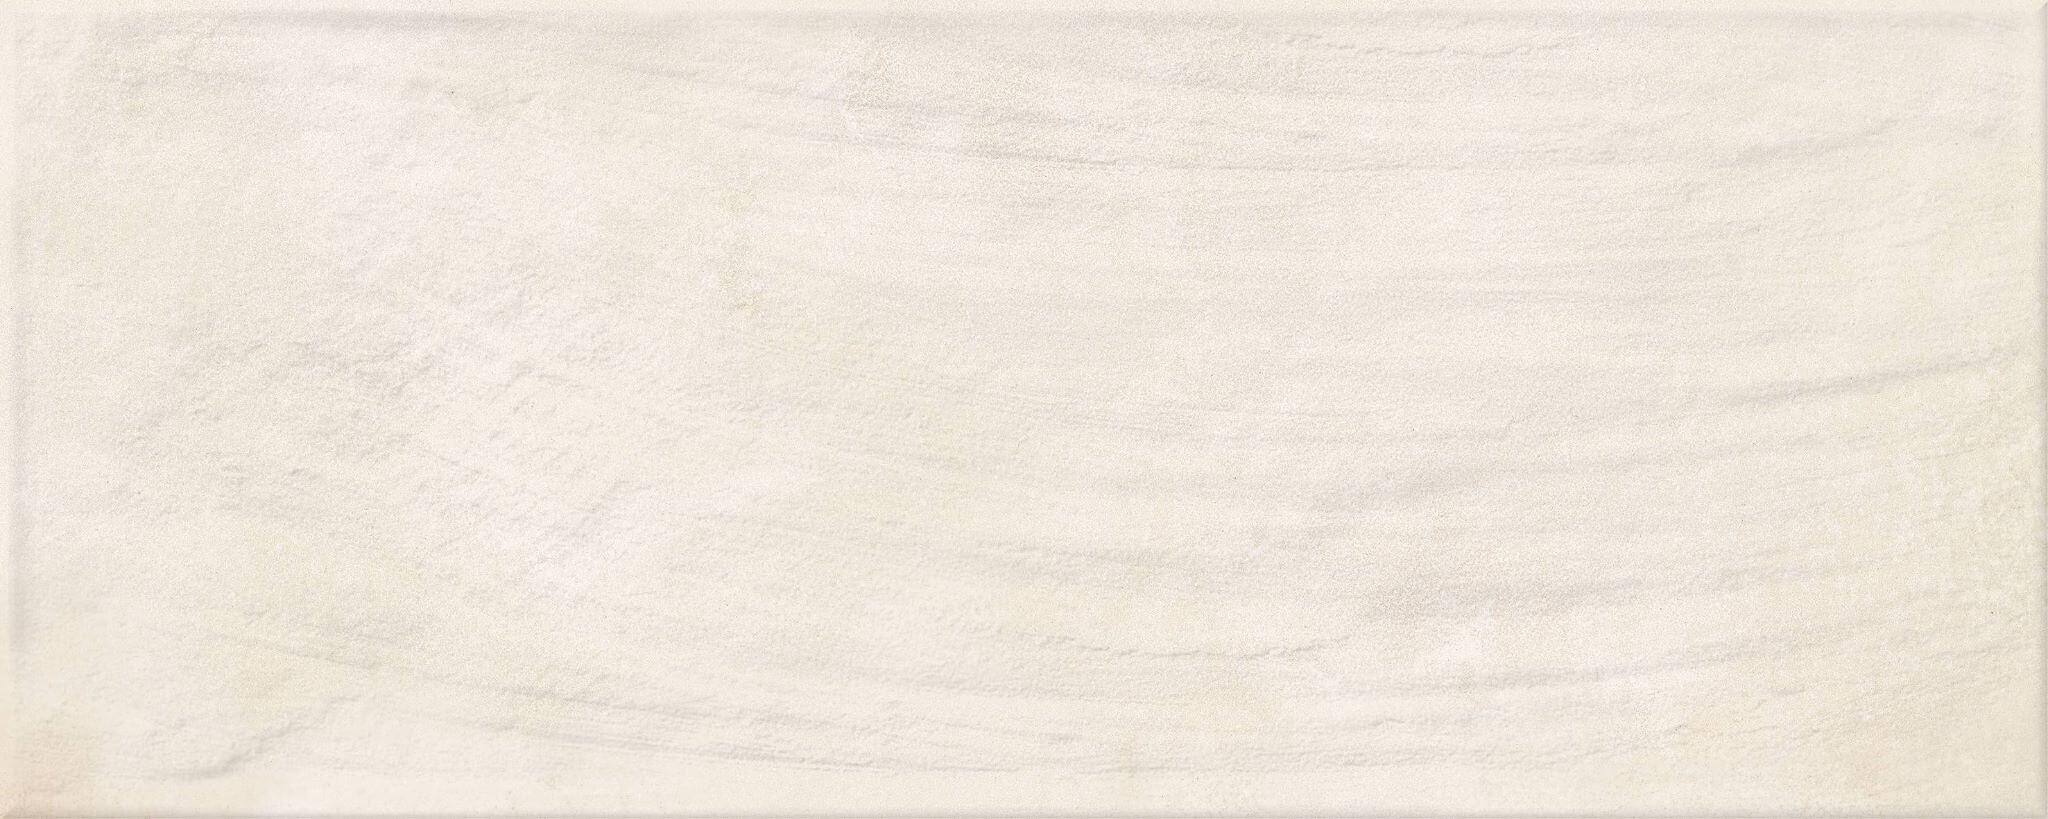 Купить Керамическая плитка Keros Mayolica Beige настенная 20x50, Испания